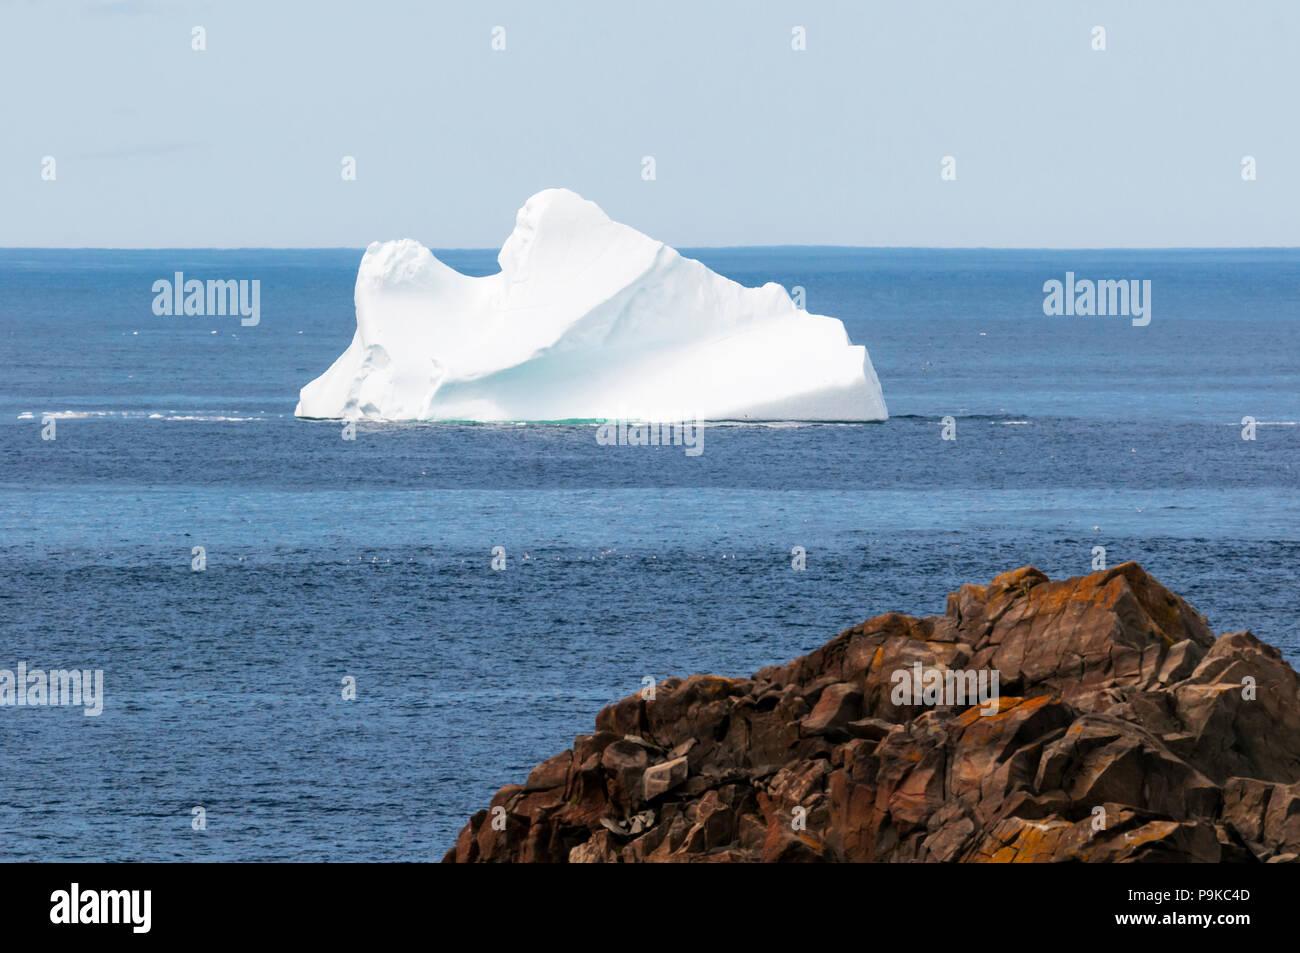 Iceberg drifting past the coast of Newfoundland at Cape Bonavista. - Stock Image